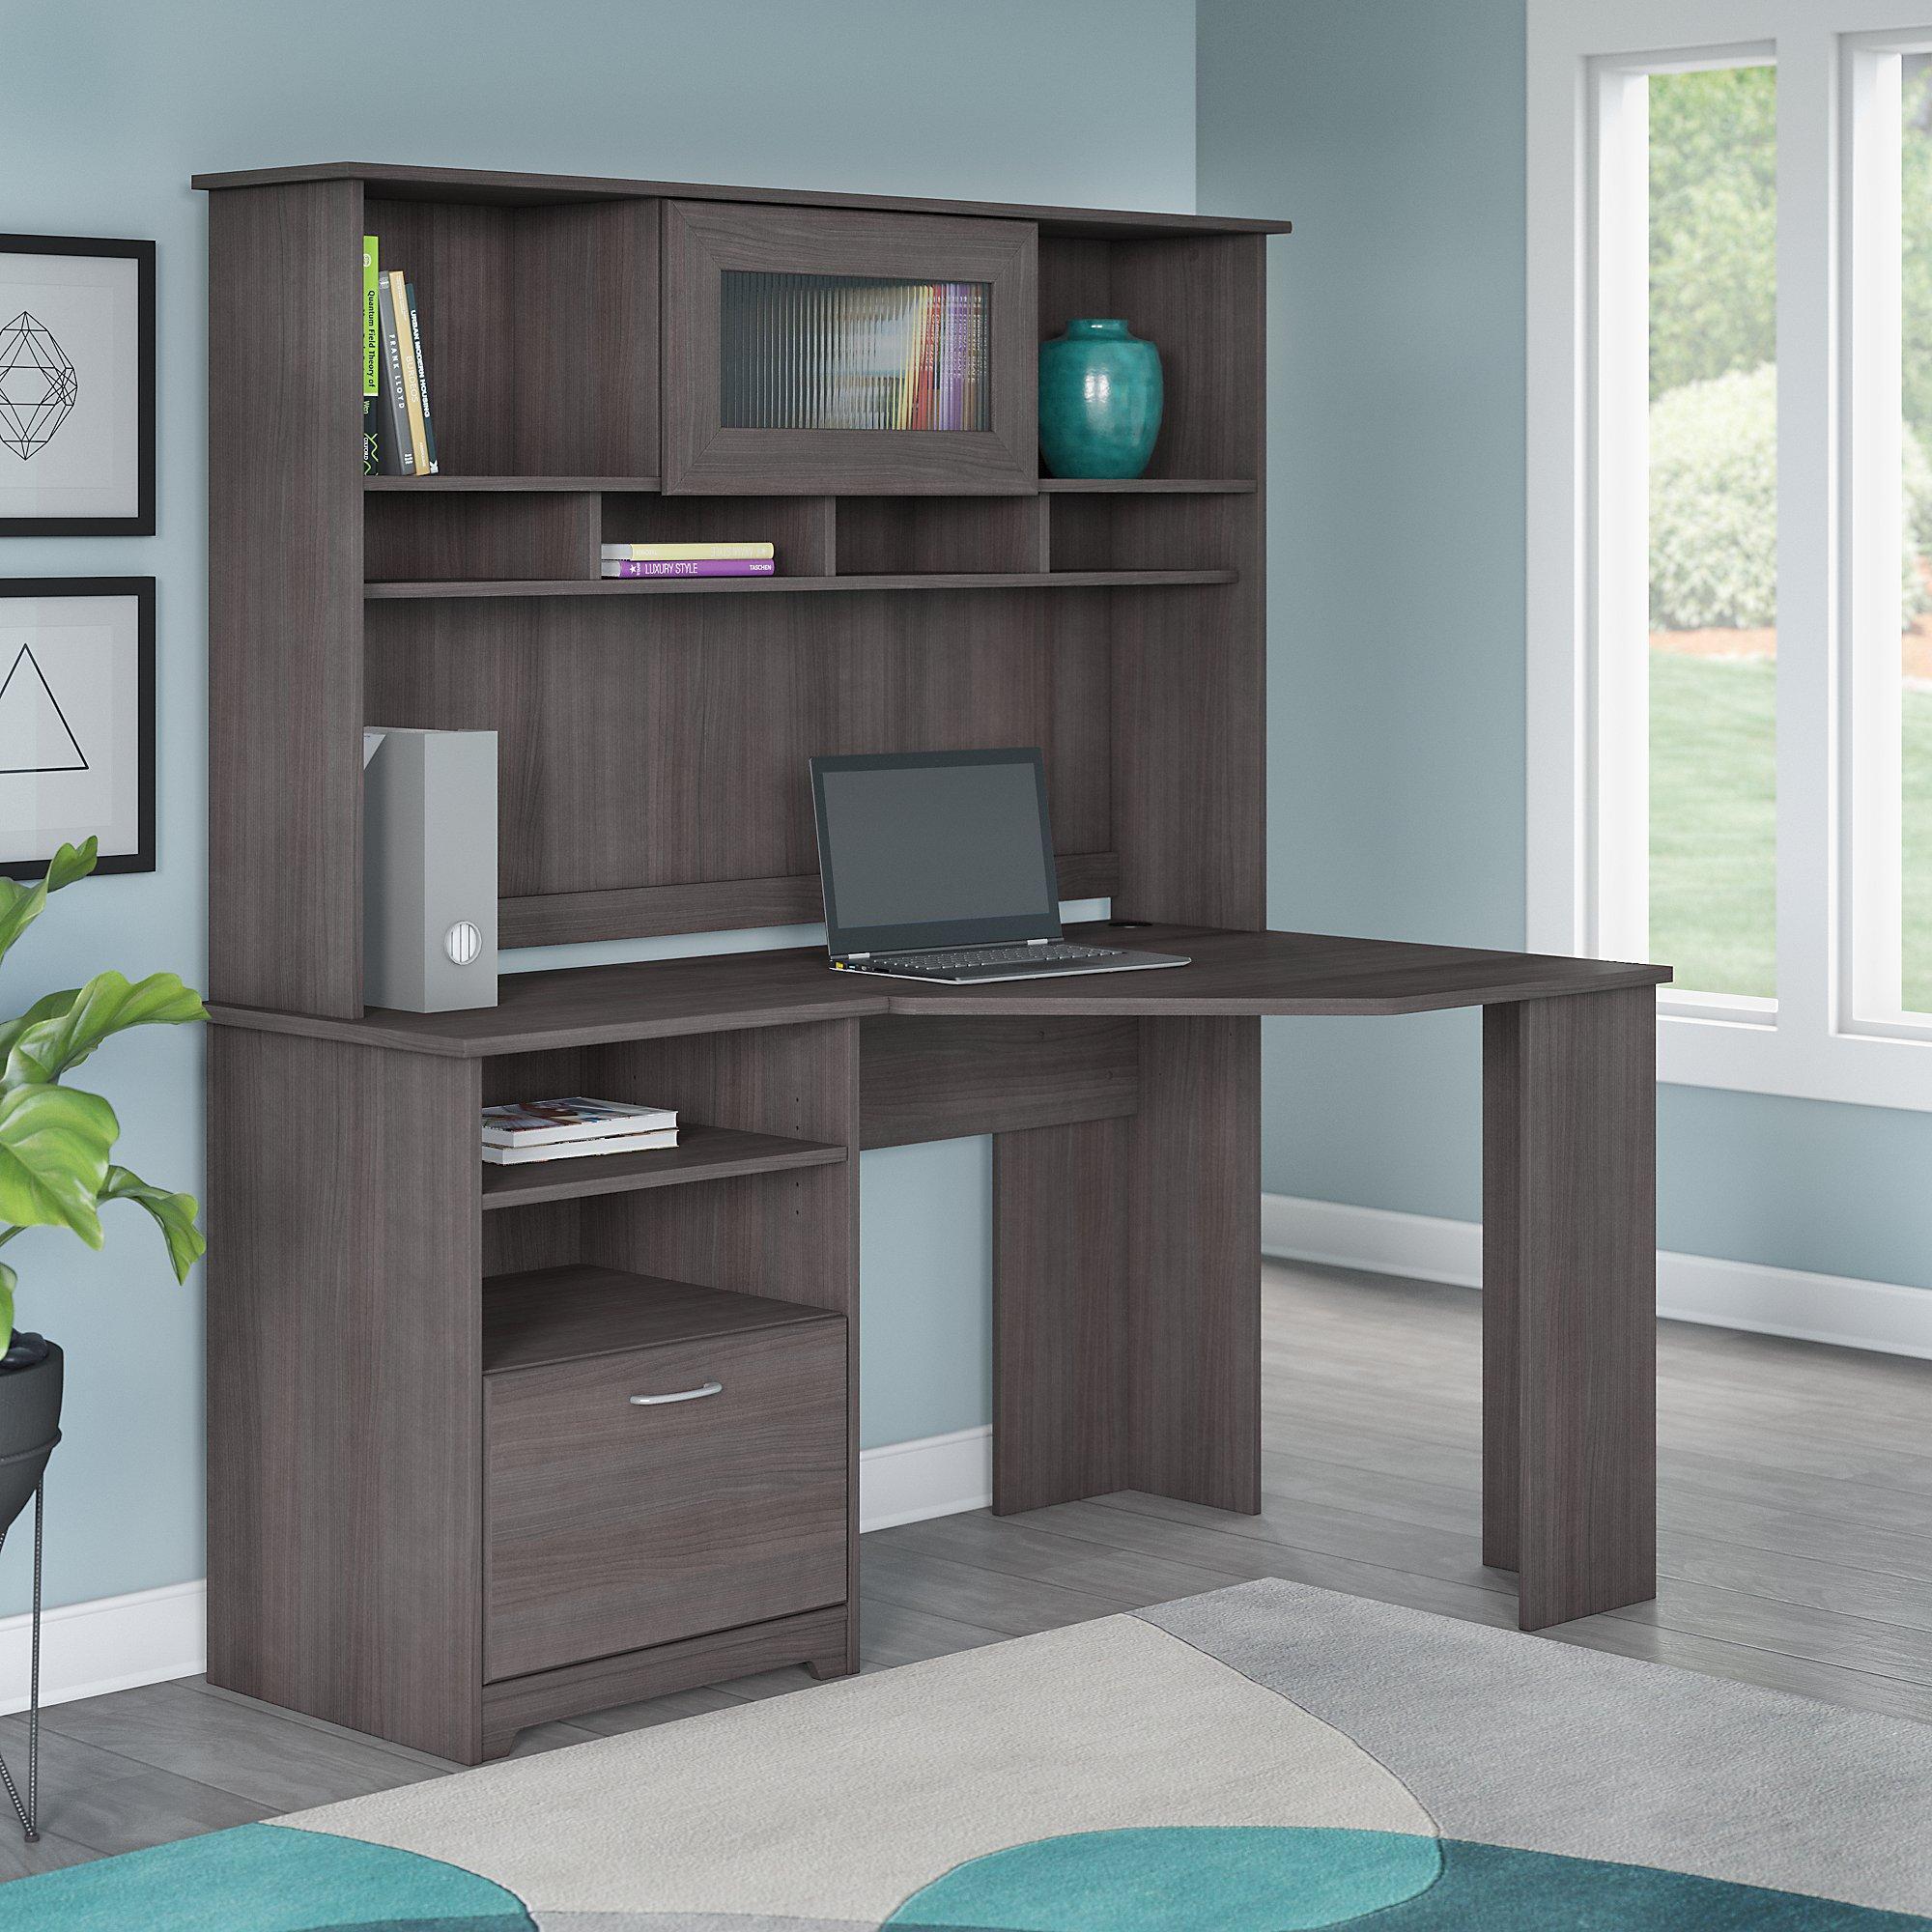 Amazon.com: Bush Furniture Cabot Corner Desk With Hutch In